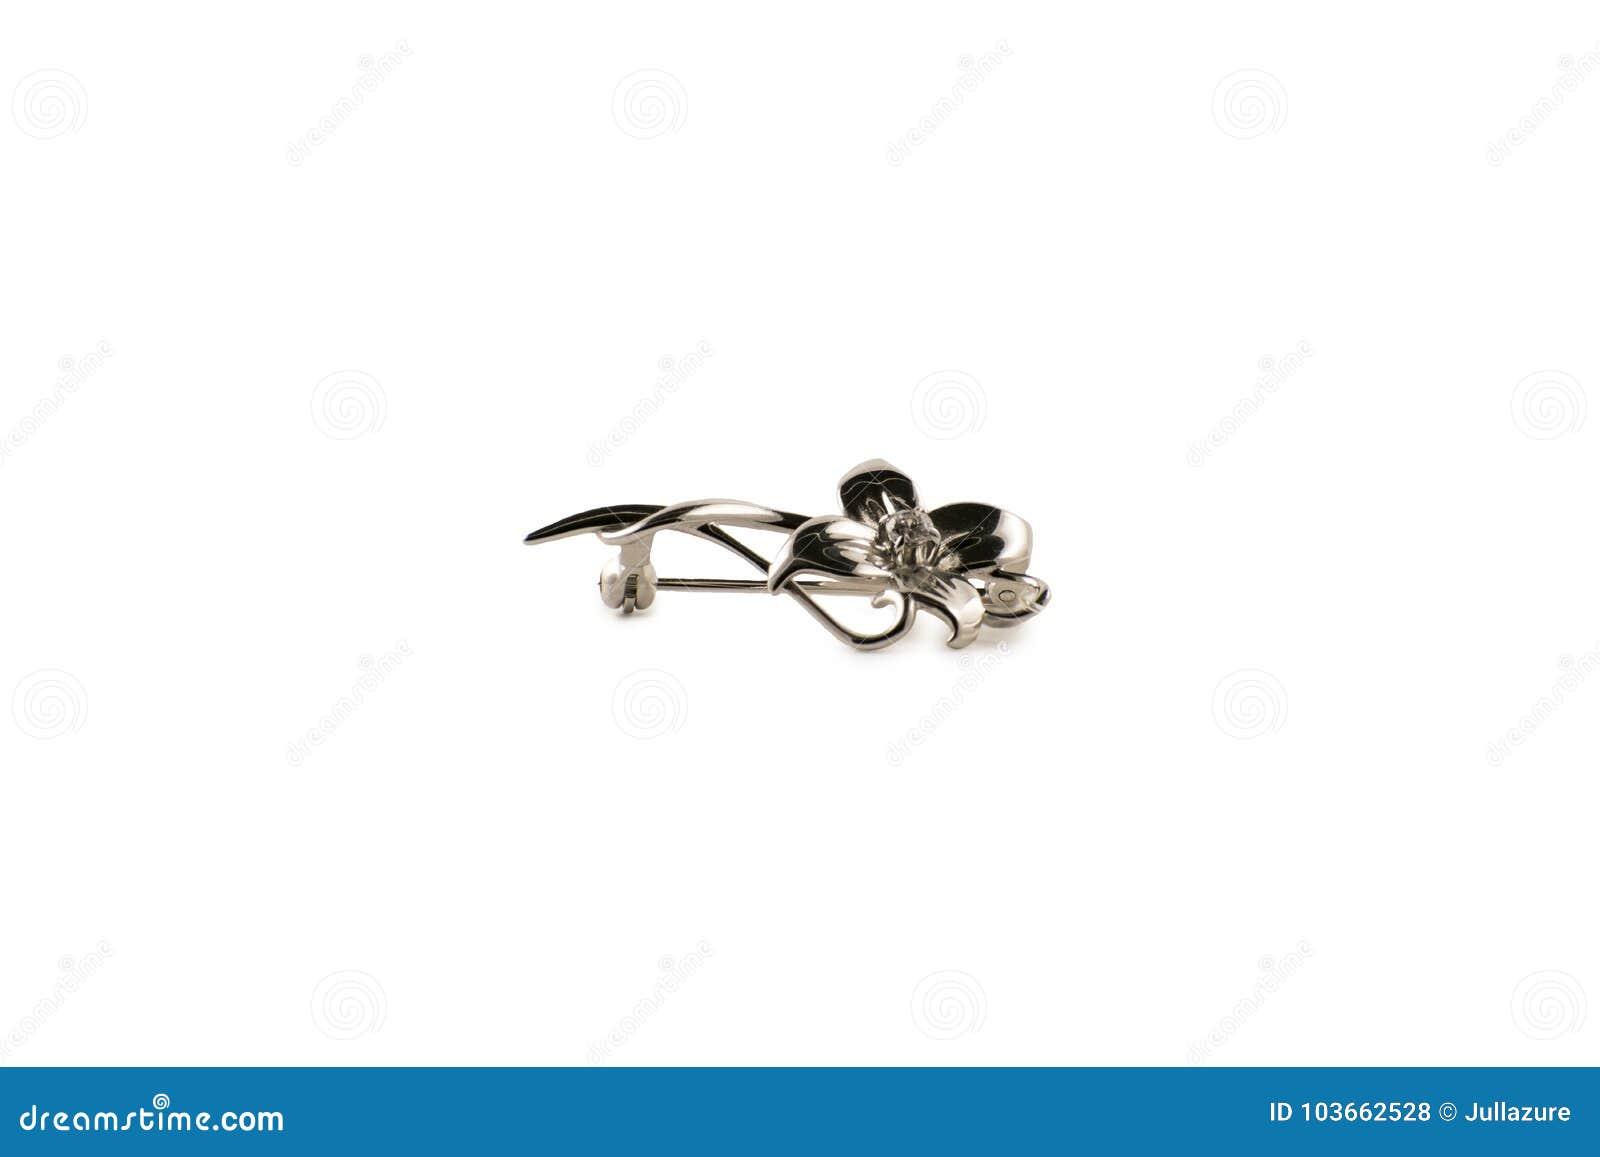 Zilveren broche in de vorm van een bloem op een witte achtergrond